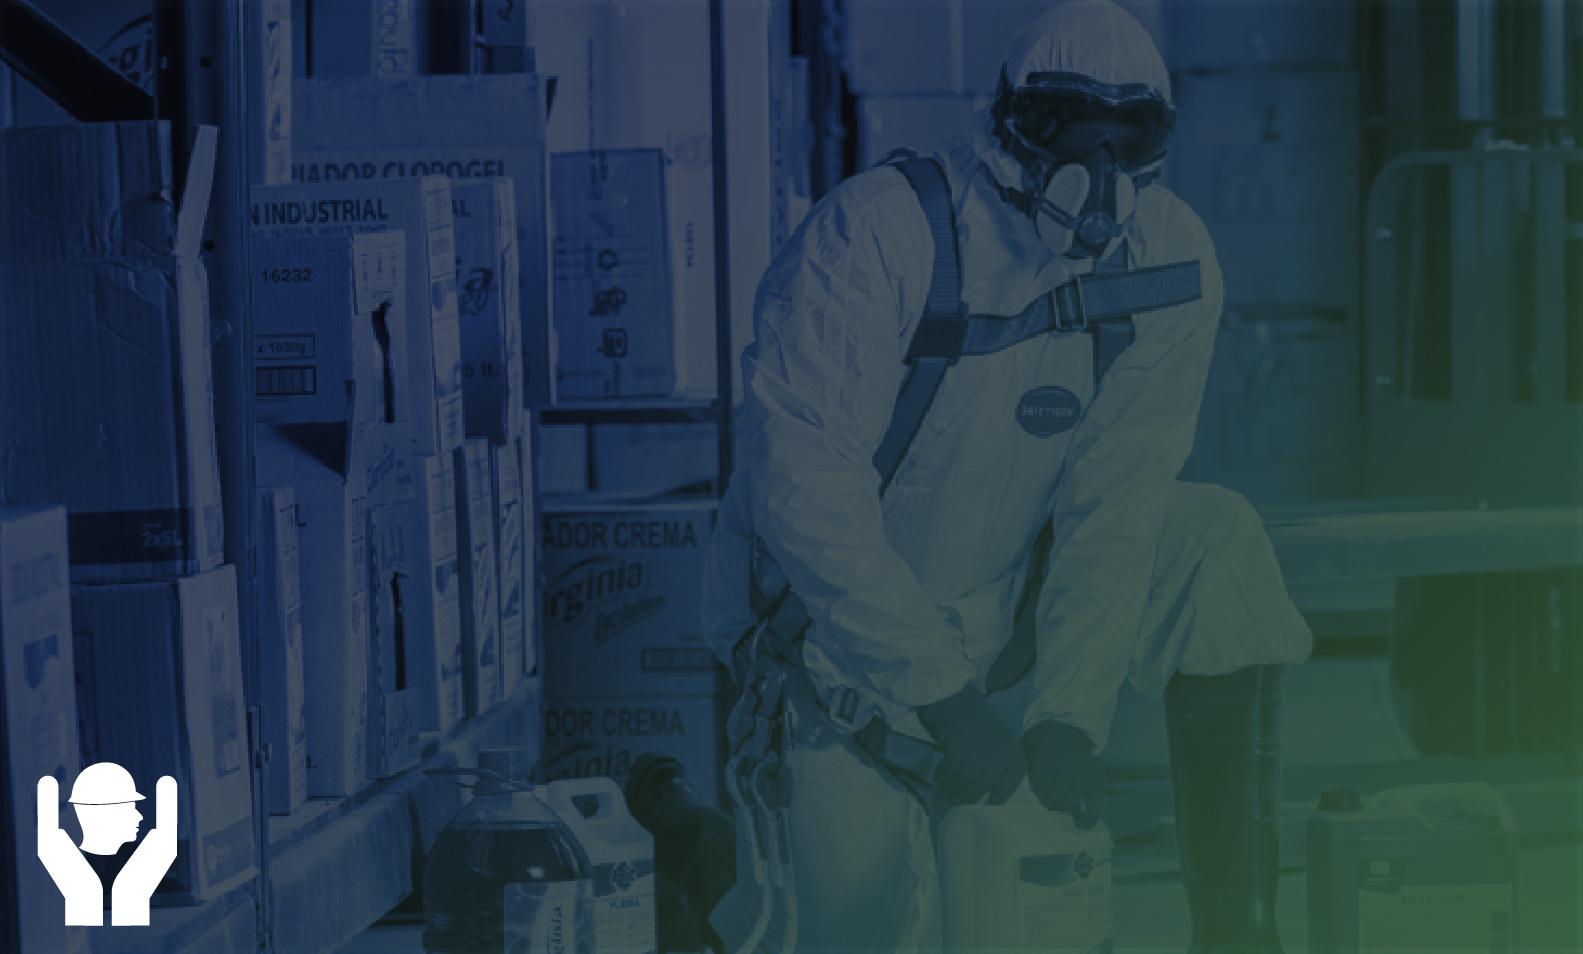 agentes químicos - erros e desacertos no reconhecimento e avaliação do risco-01